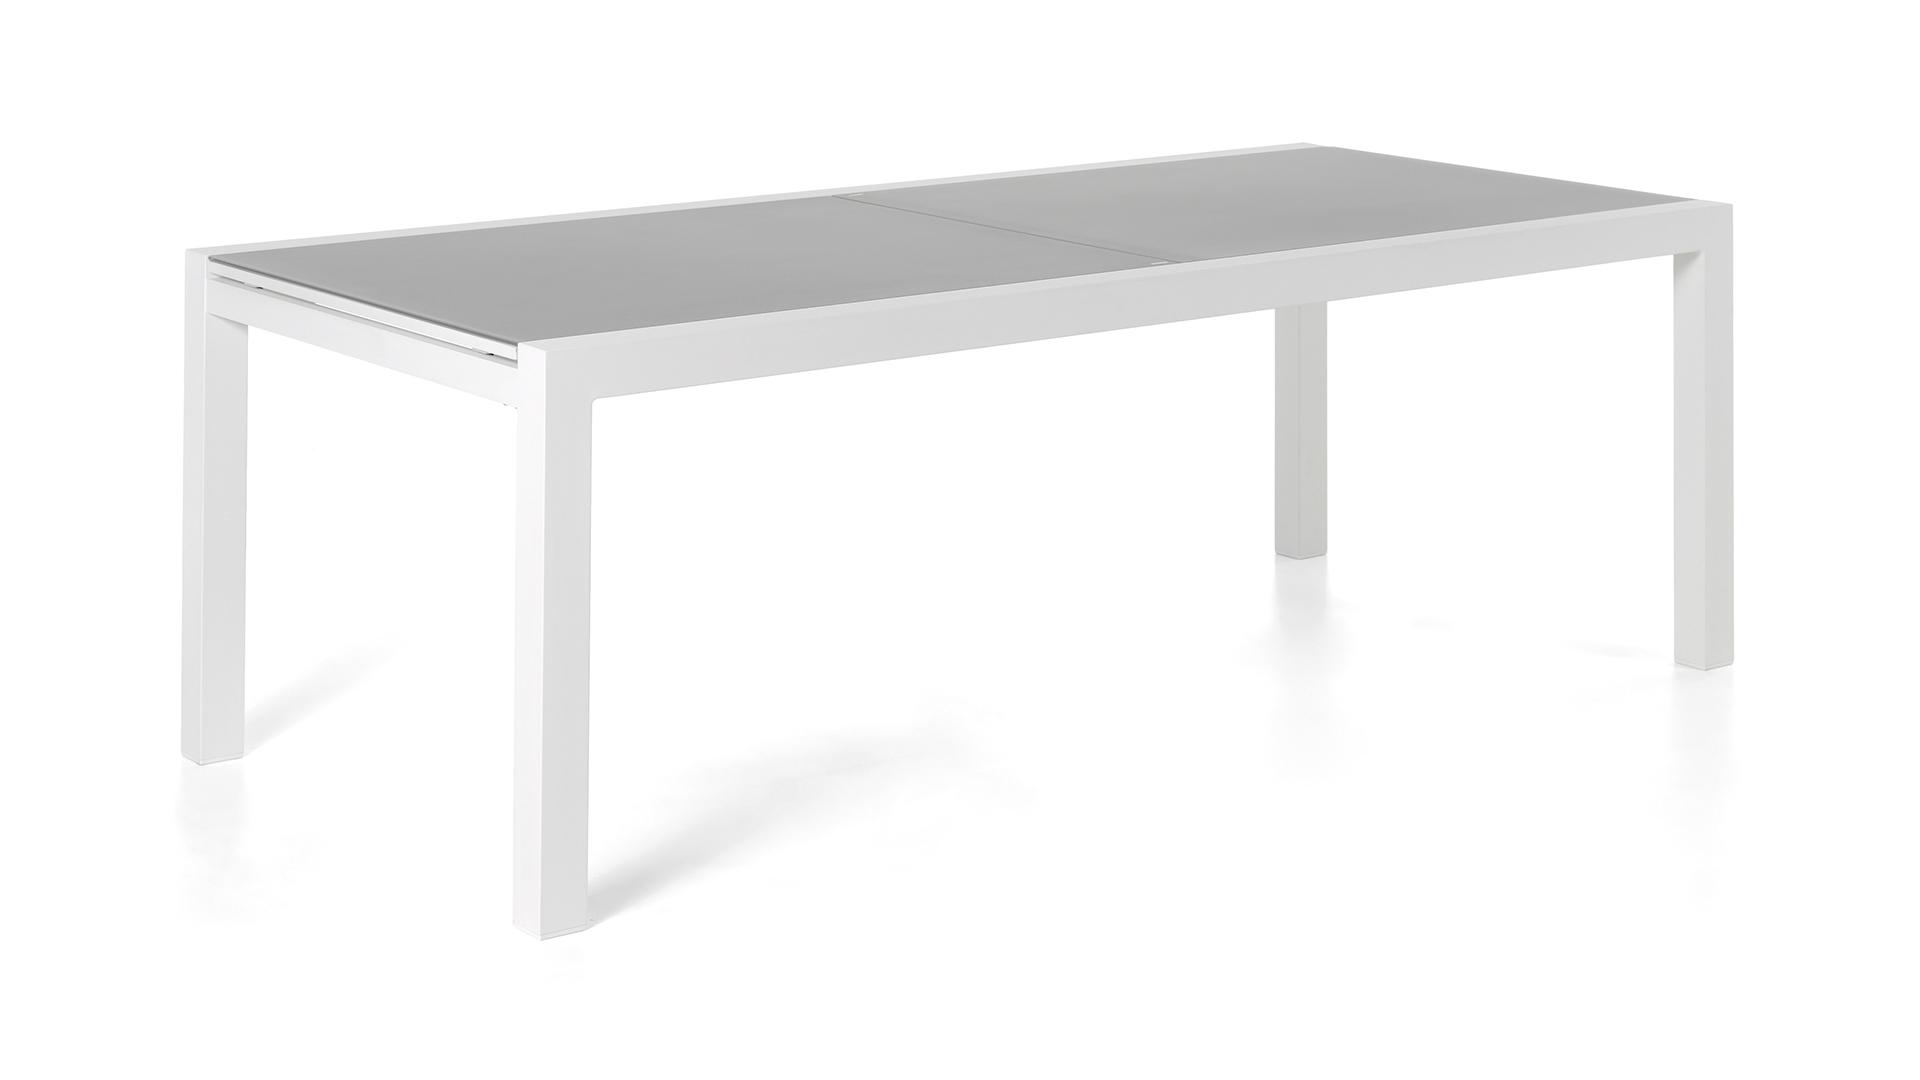 Tuintafel Met Glazen Bovenblad.Alu Tuintafel Lugano White 220 330x106cm Glas Light Grey